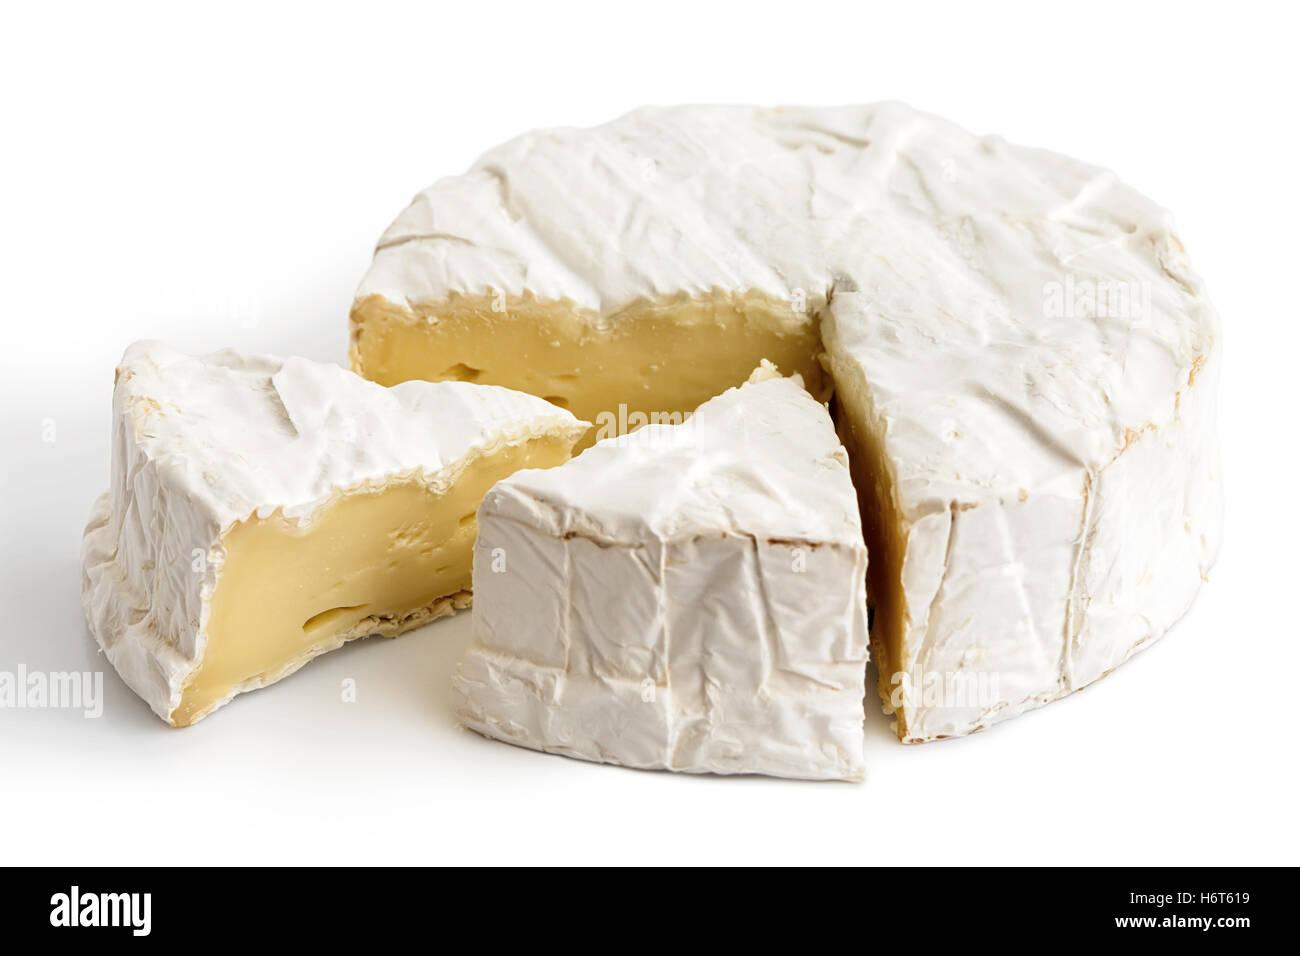 Weißer Schimmel Käse Mit Geschnittenen Scheiben Isoliert Auf Weiss